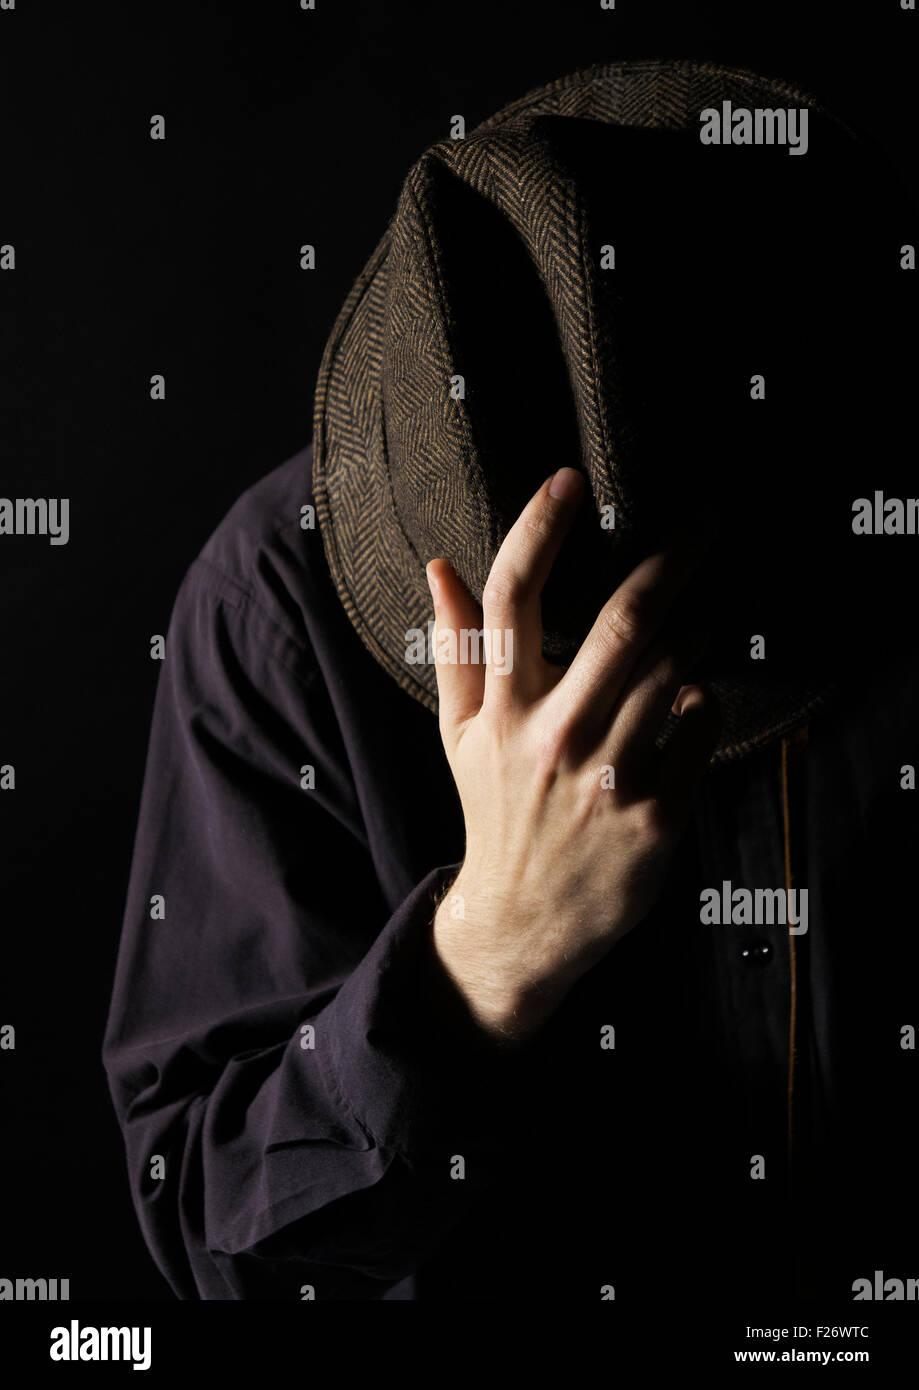 Ein Mann mit einem Hut, bedeckte sein Gesicht. Stockbild